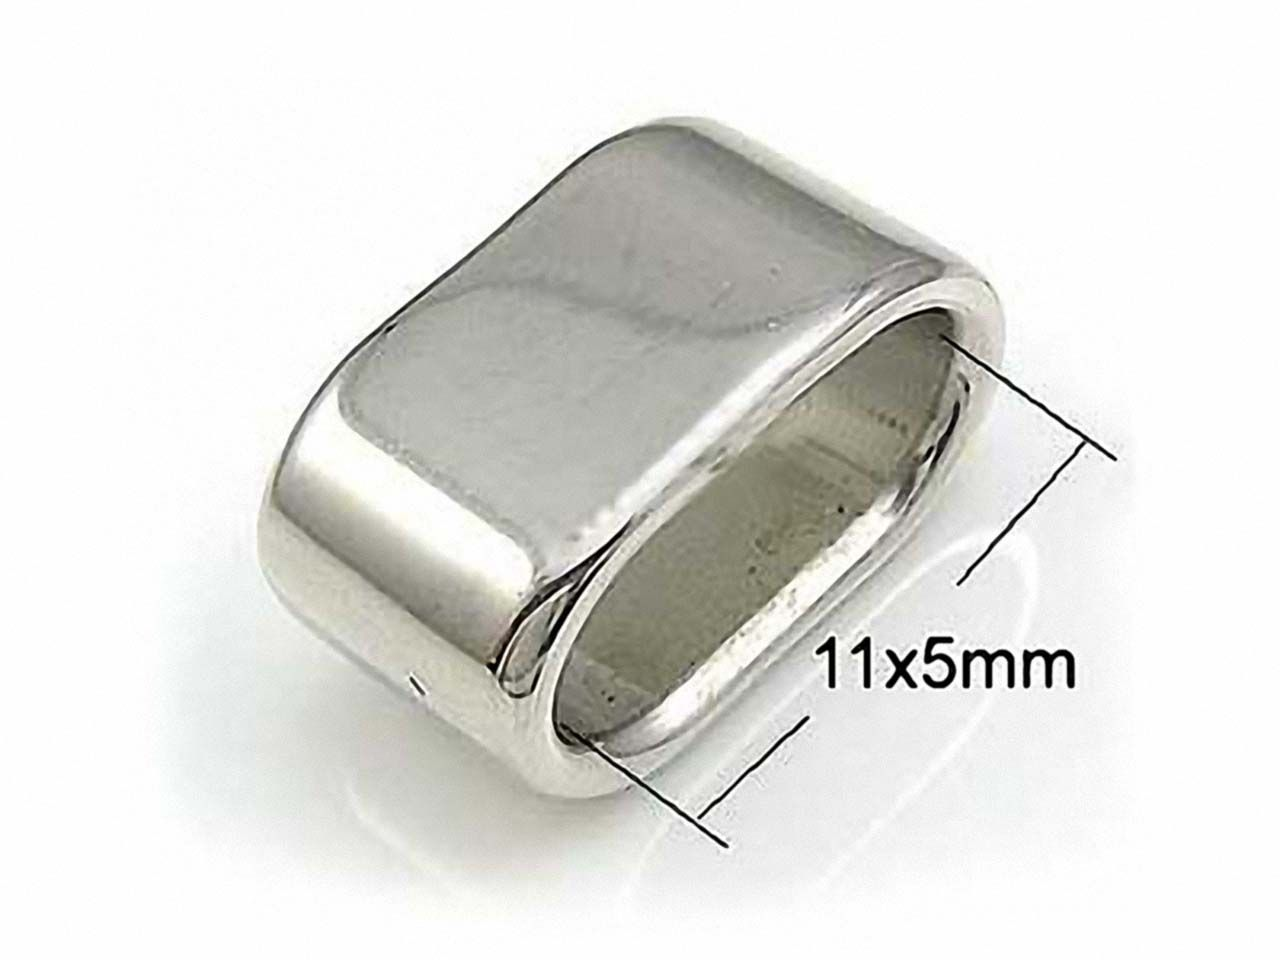 ring oval grosslochperle edelstahl 14mm. Black Bedroom Furniture Sets. Home Design Ideas